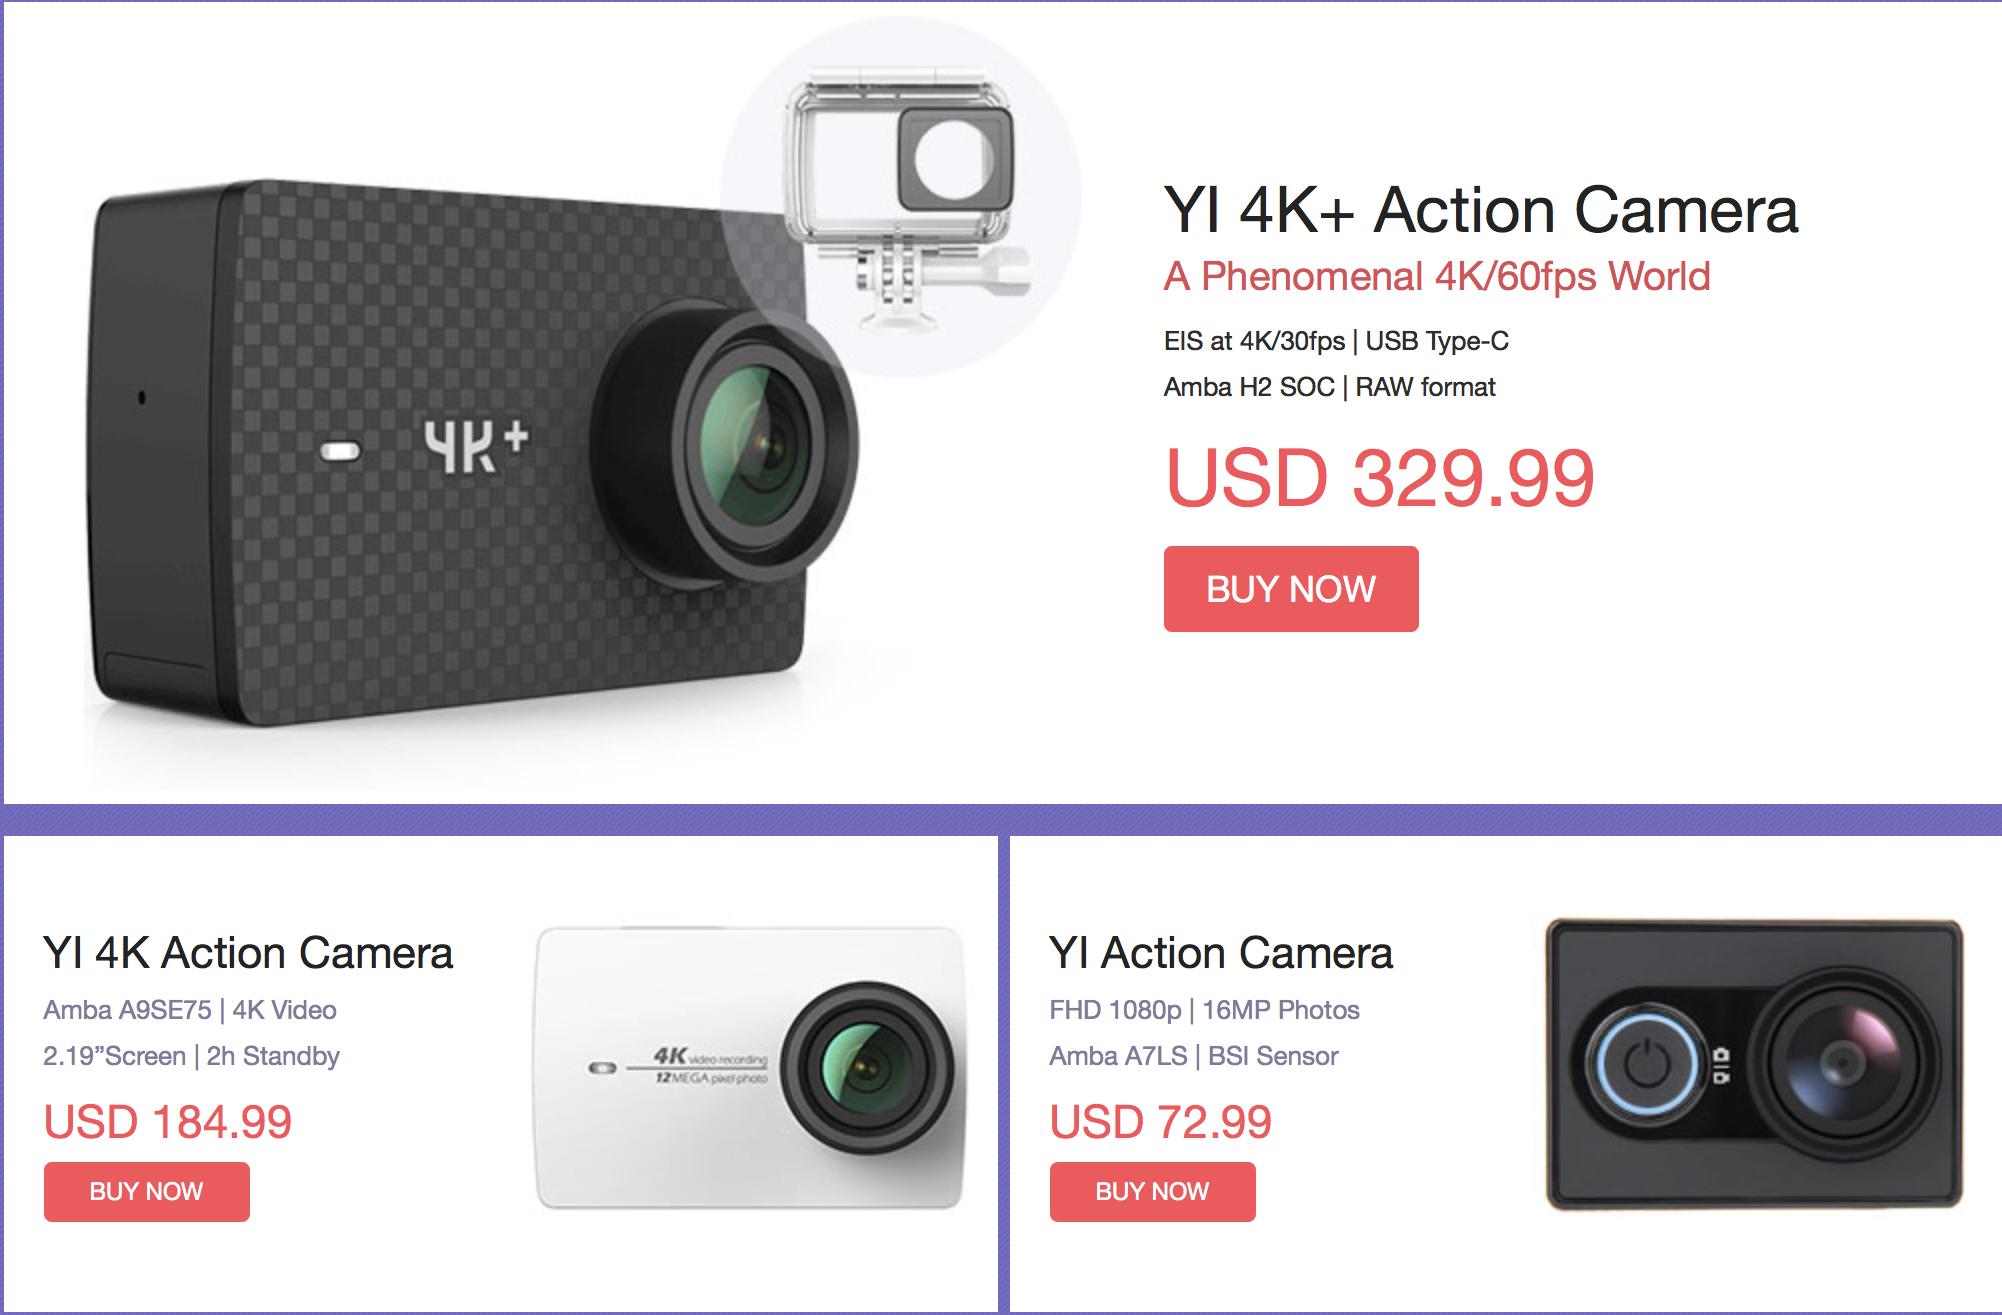 Geekbuying: Přenosné kamery nyní za sníženou cenu [sponzorovaný článek]